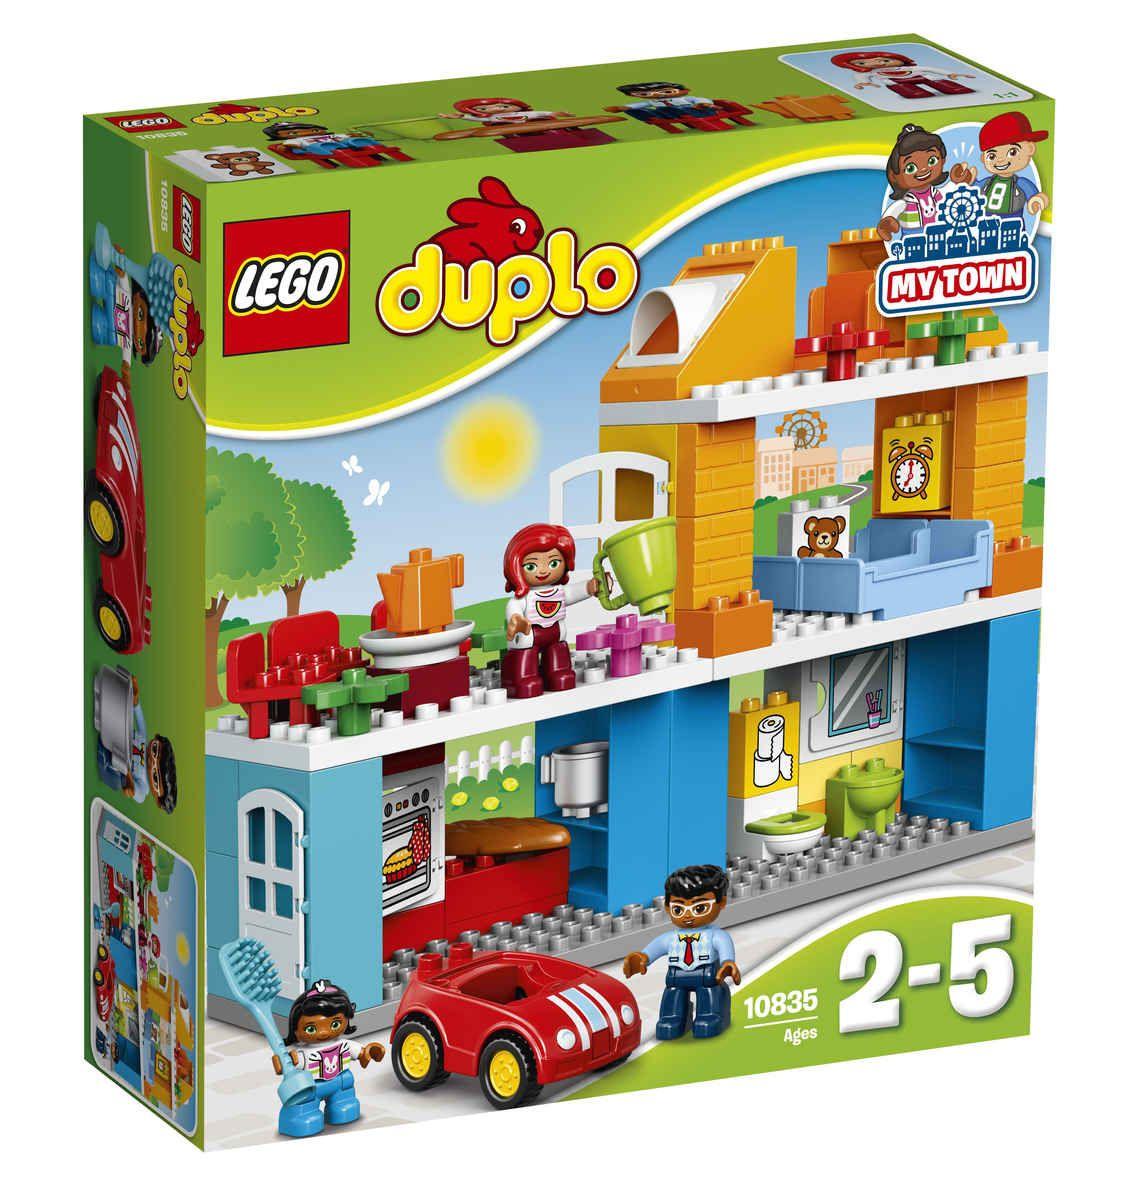 LEGO Familienhaus 10835 Lego duplo familienhaus